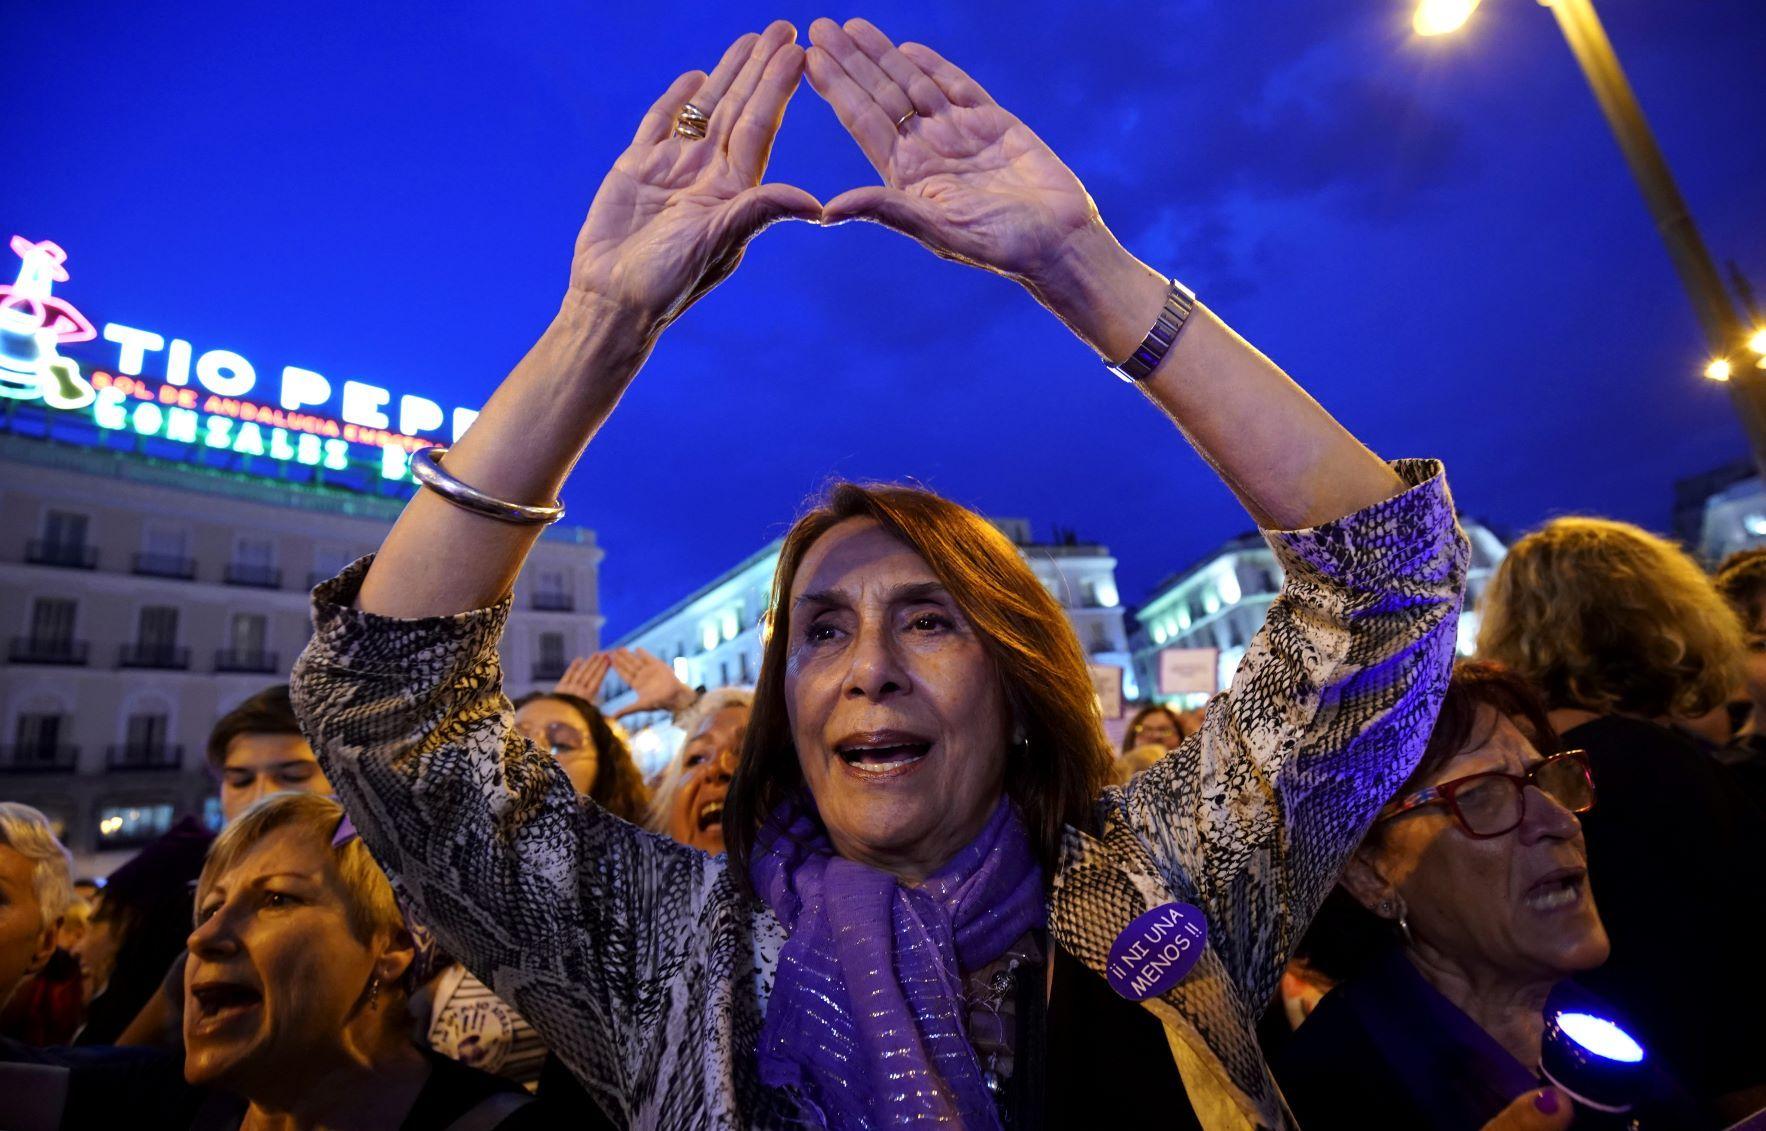 2019-09-20T185339Z_1514502203_RC1735D87950_RTRMADP_3_SPAIN-PROTEST-WOMEN